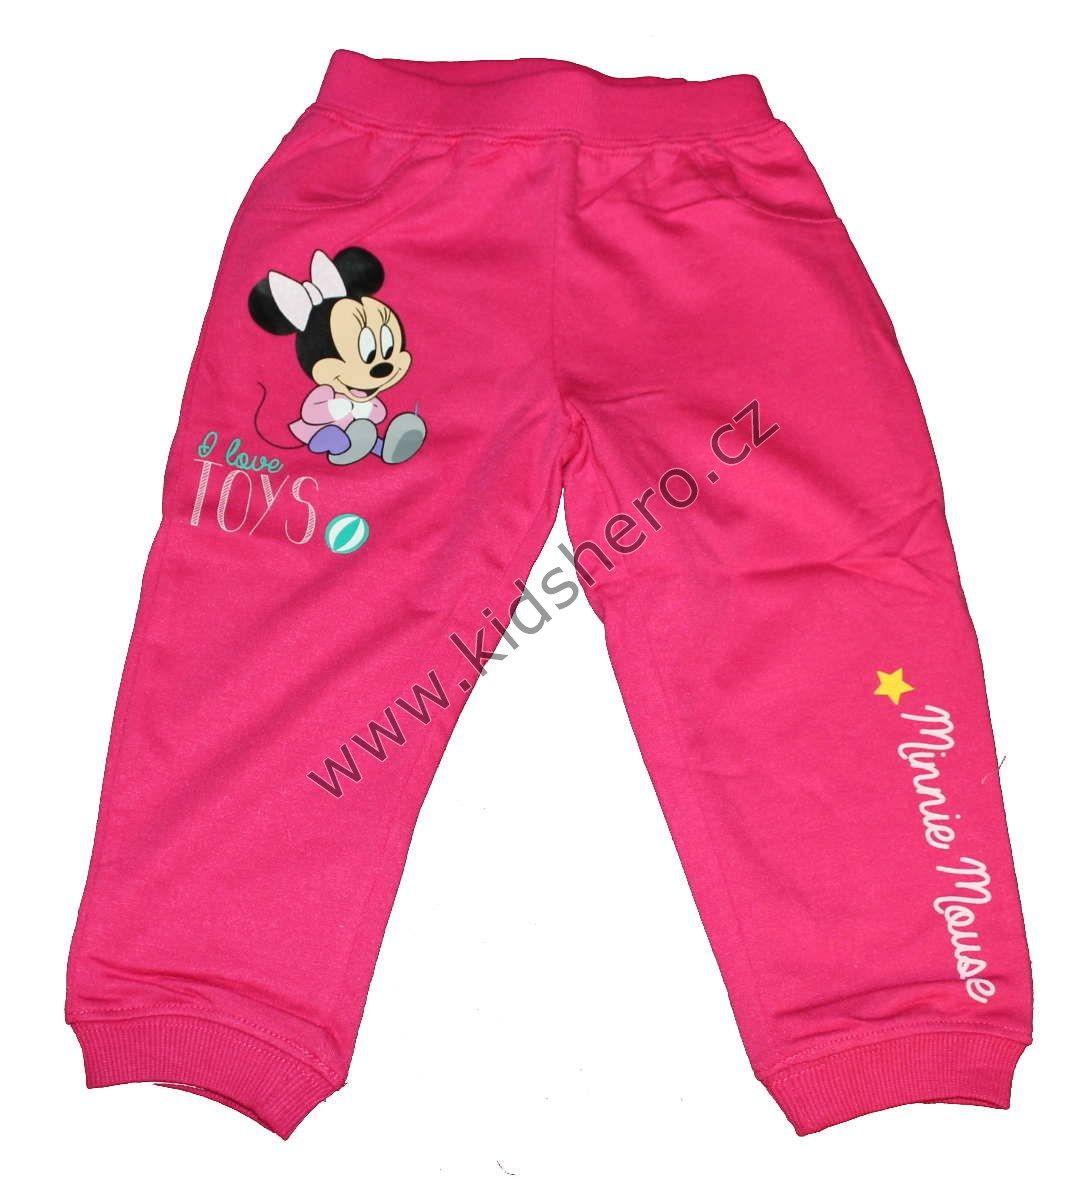 Dětské tepláky MINNIE dívčí licenční tepláky Disney